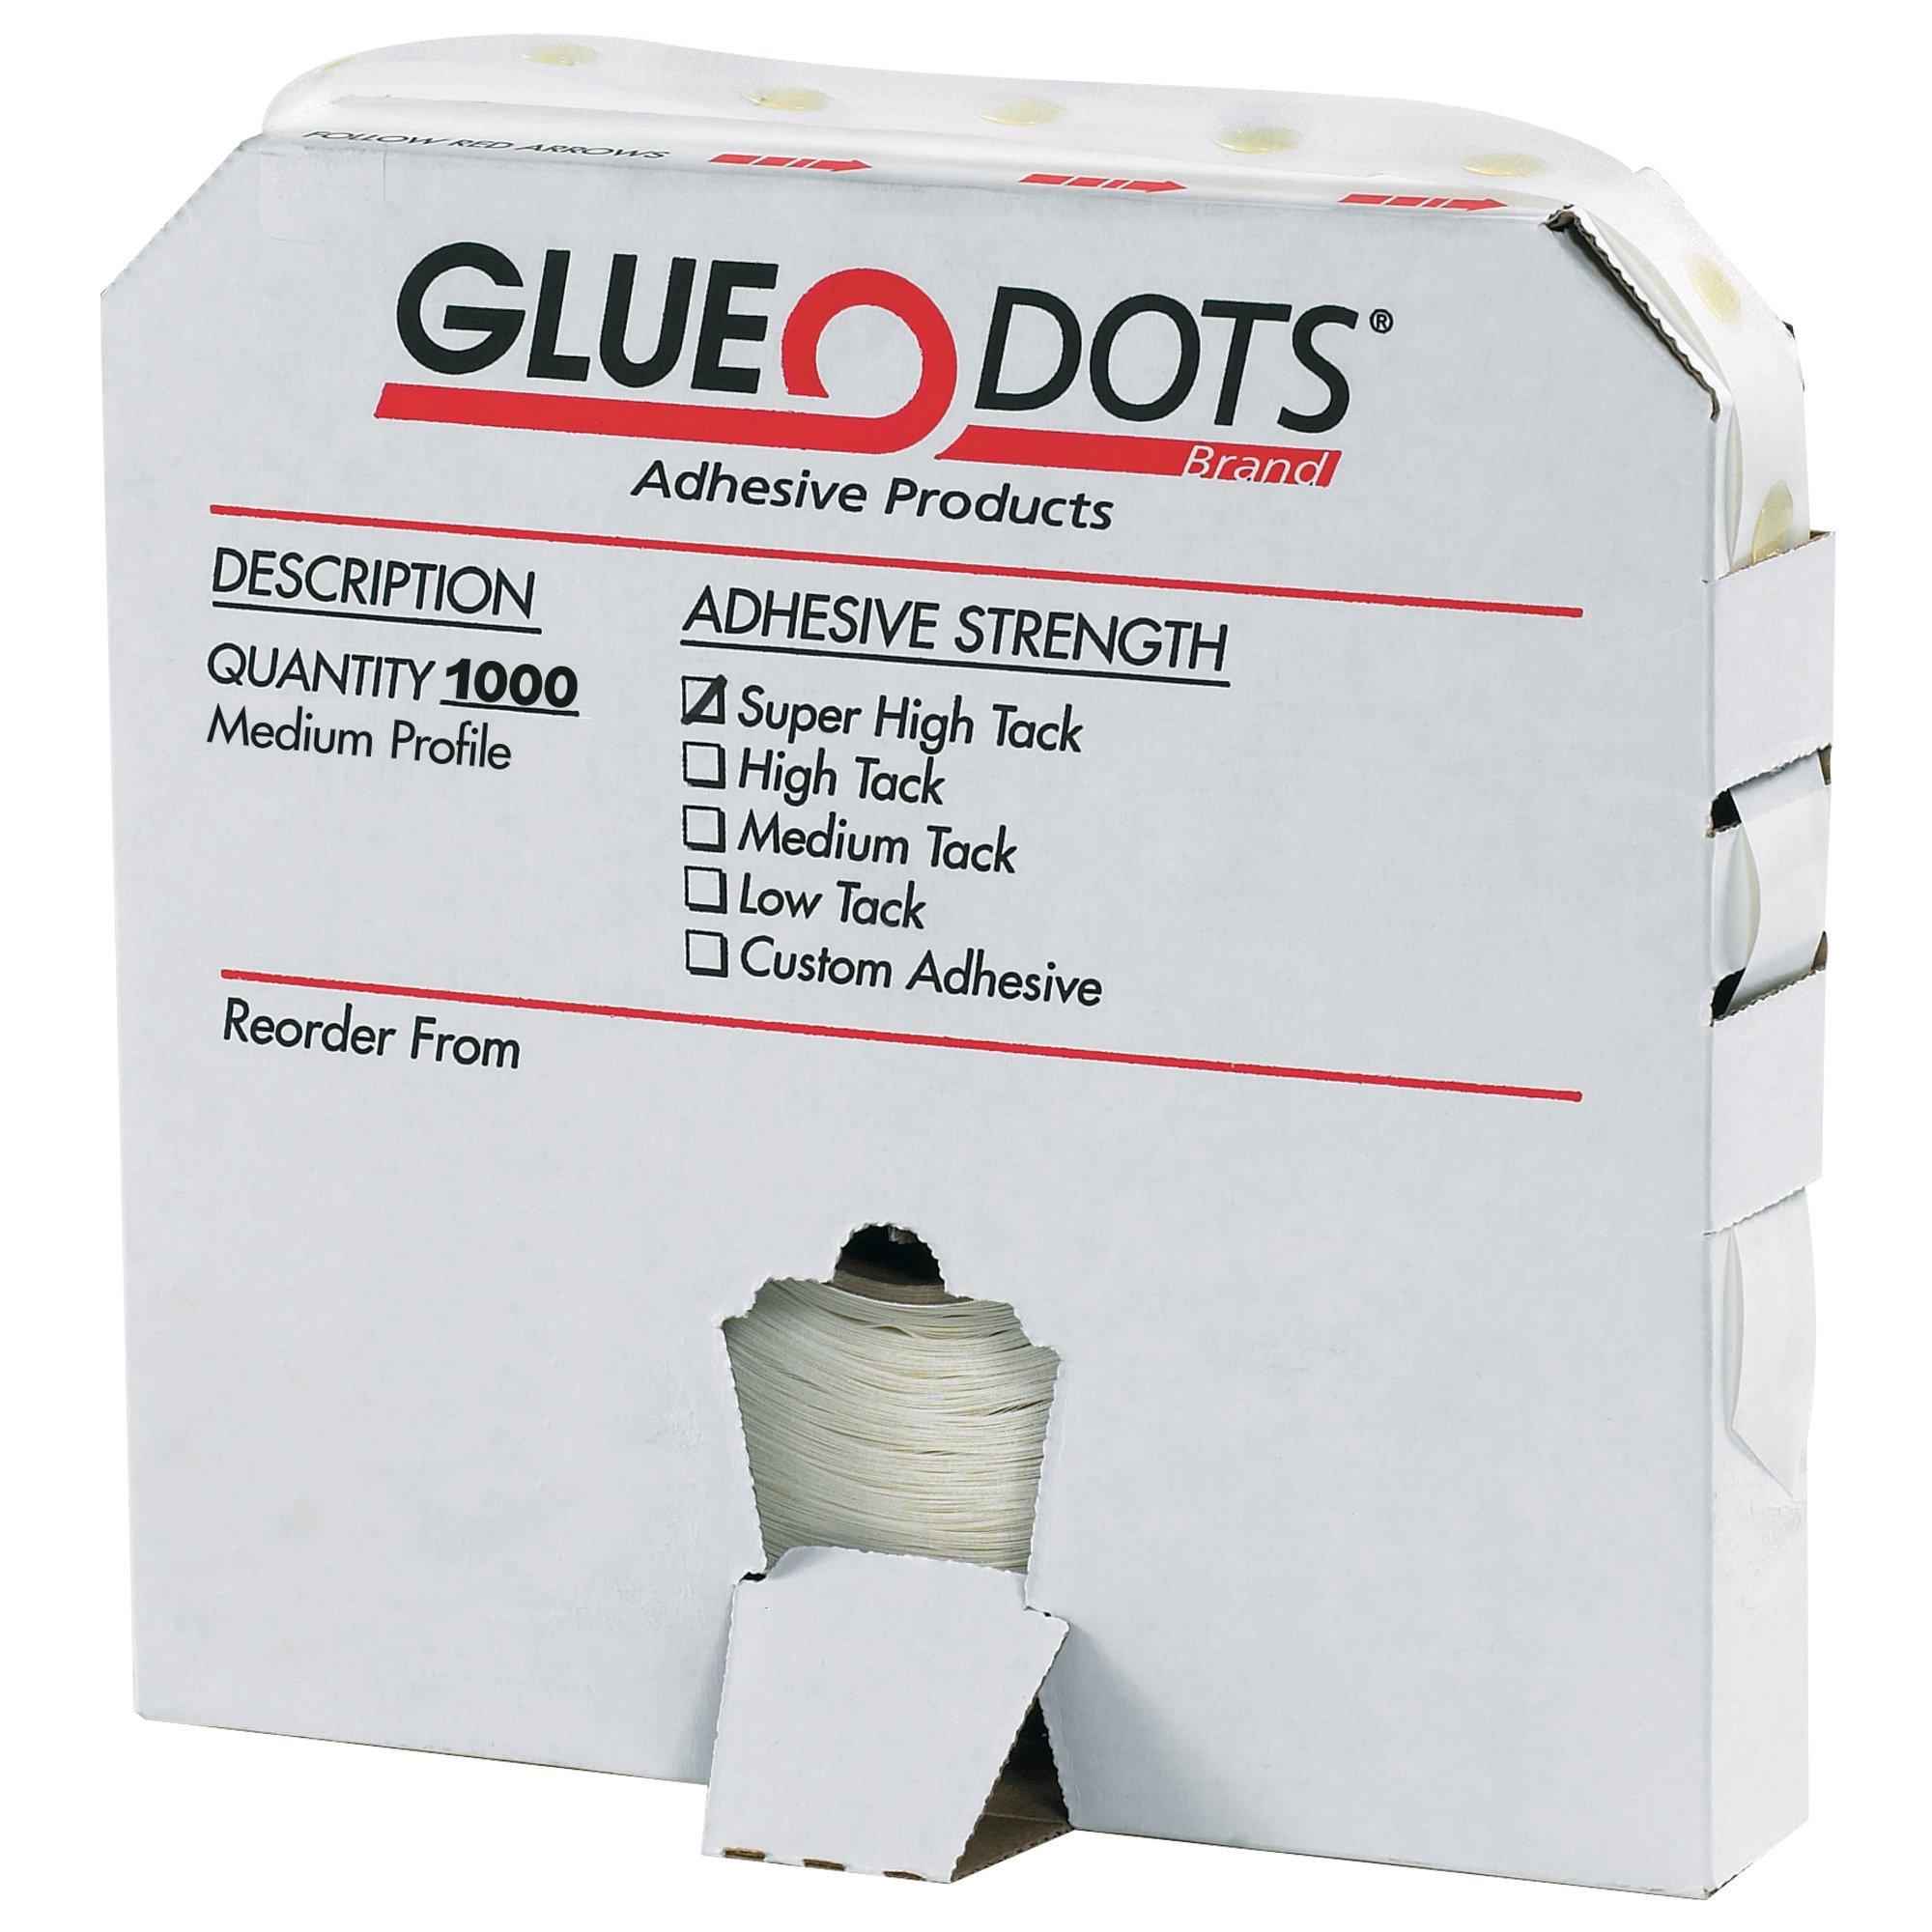 Glue Dot GD117 High Profile Super High Tack Glue Dot, 1/2'' Diameter x 1/8'' Thick (Case of 1000) by Glue Dots